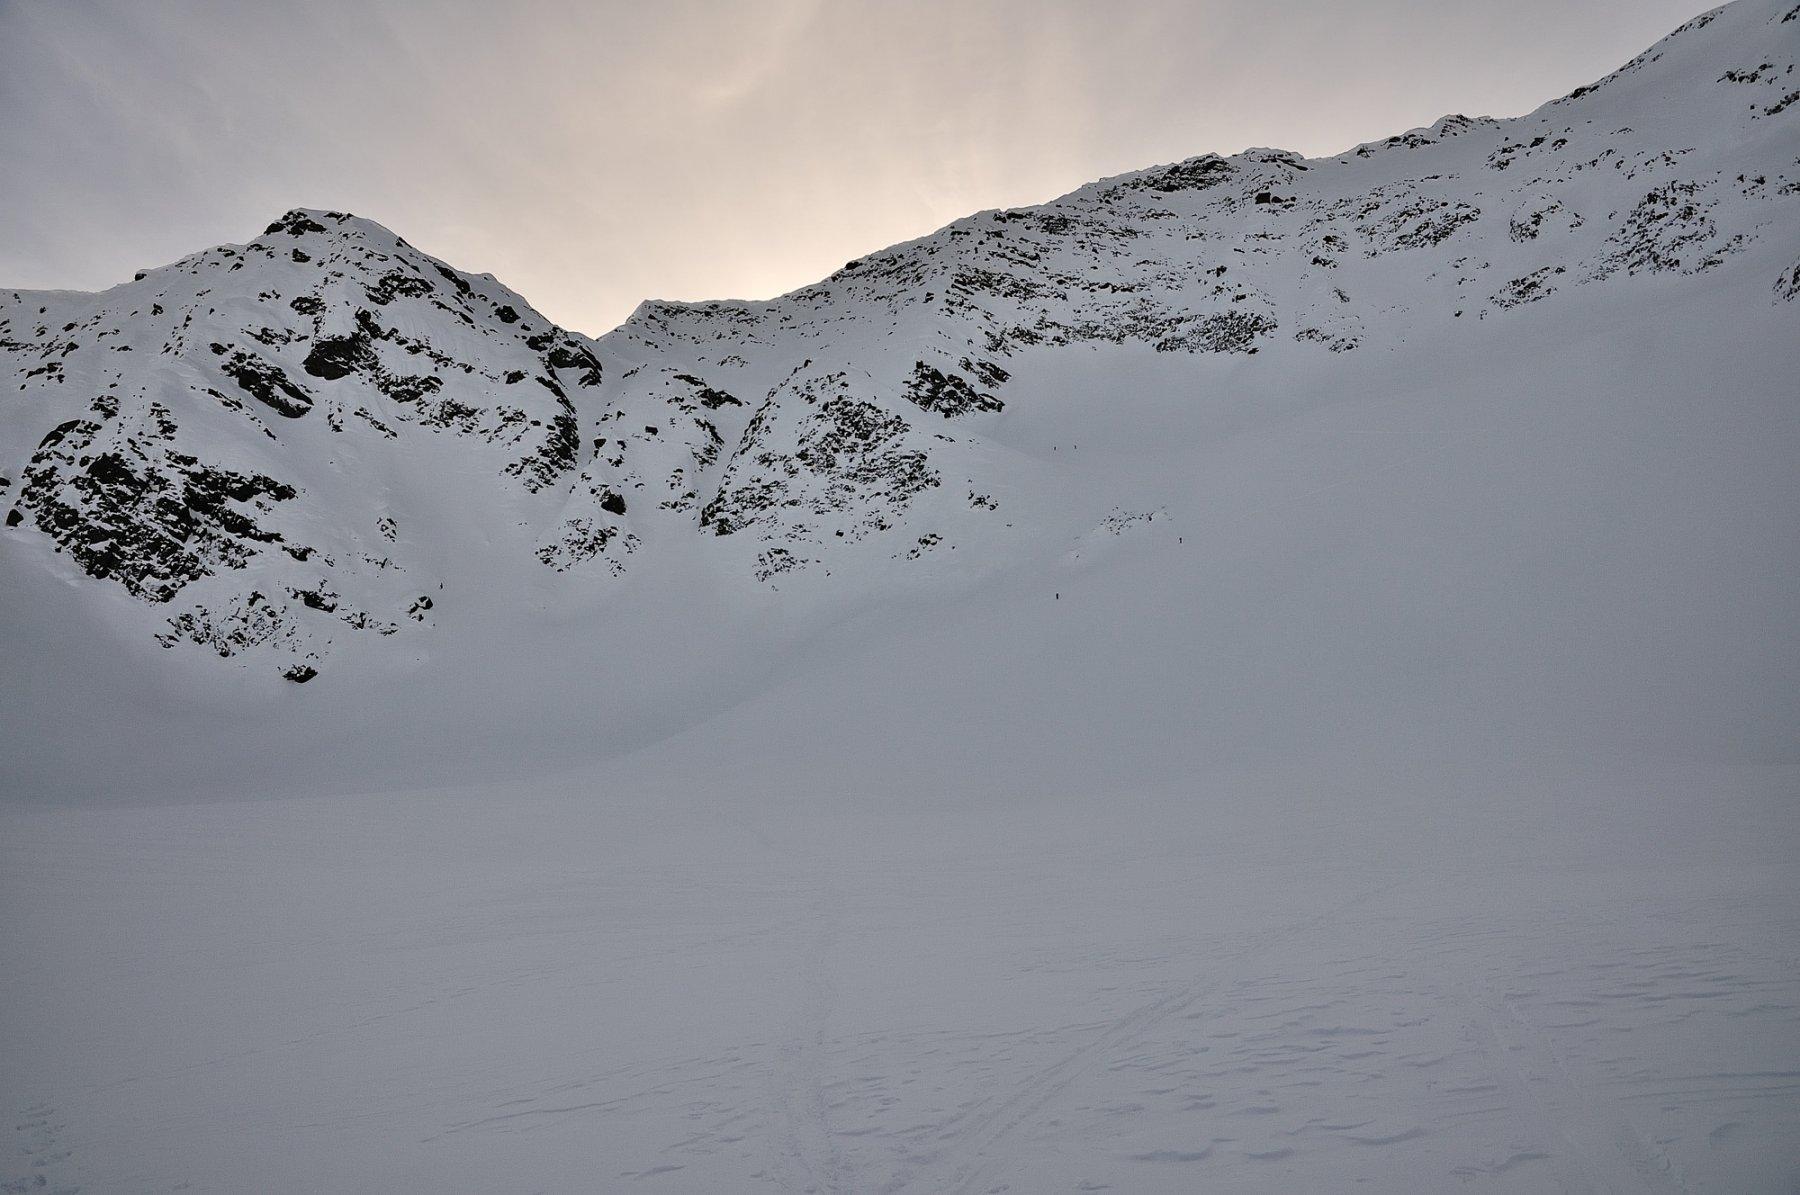 La cima vista appena a monte del Sirwoltesee